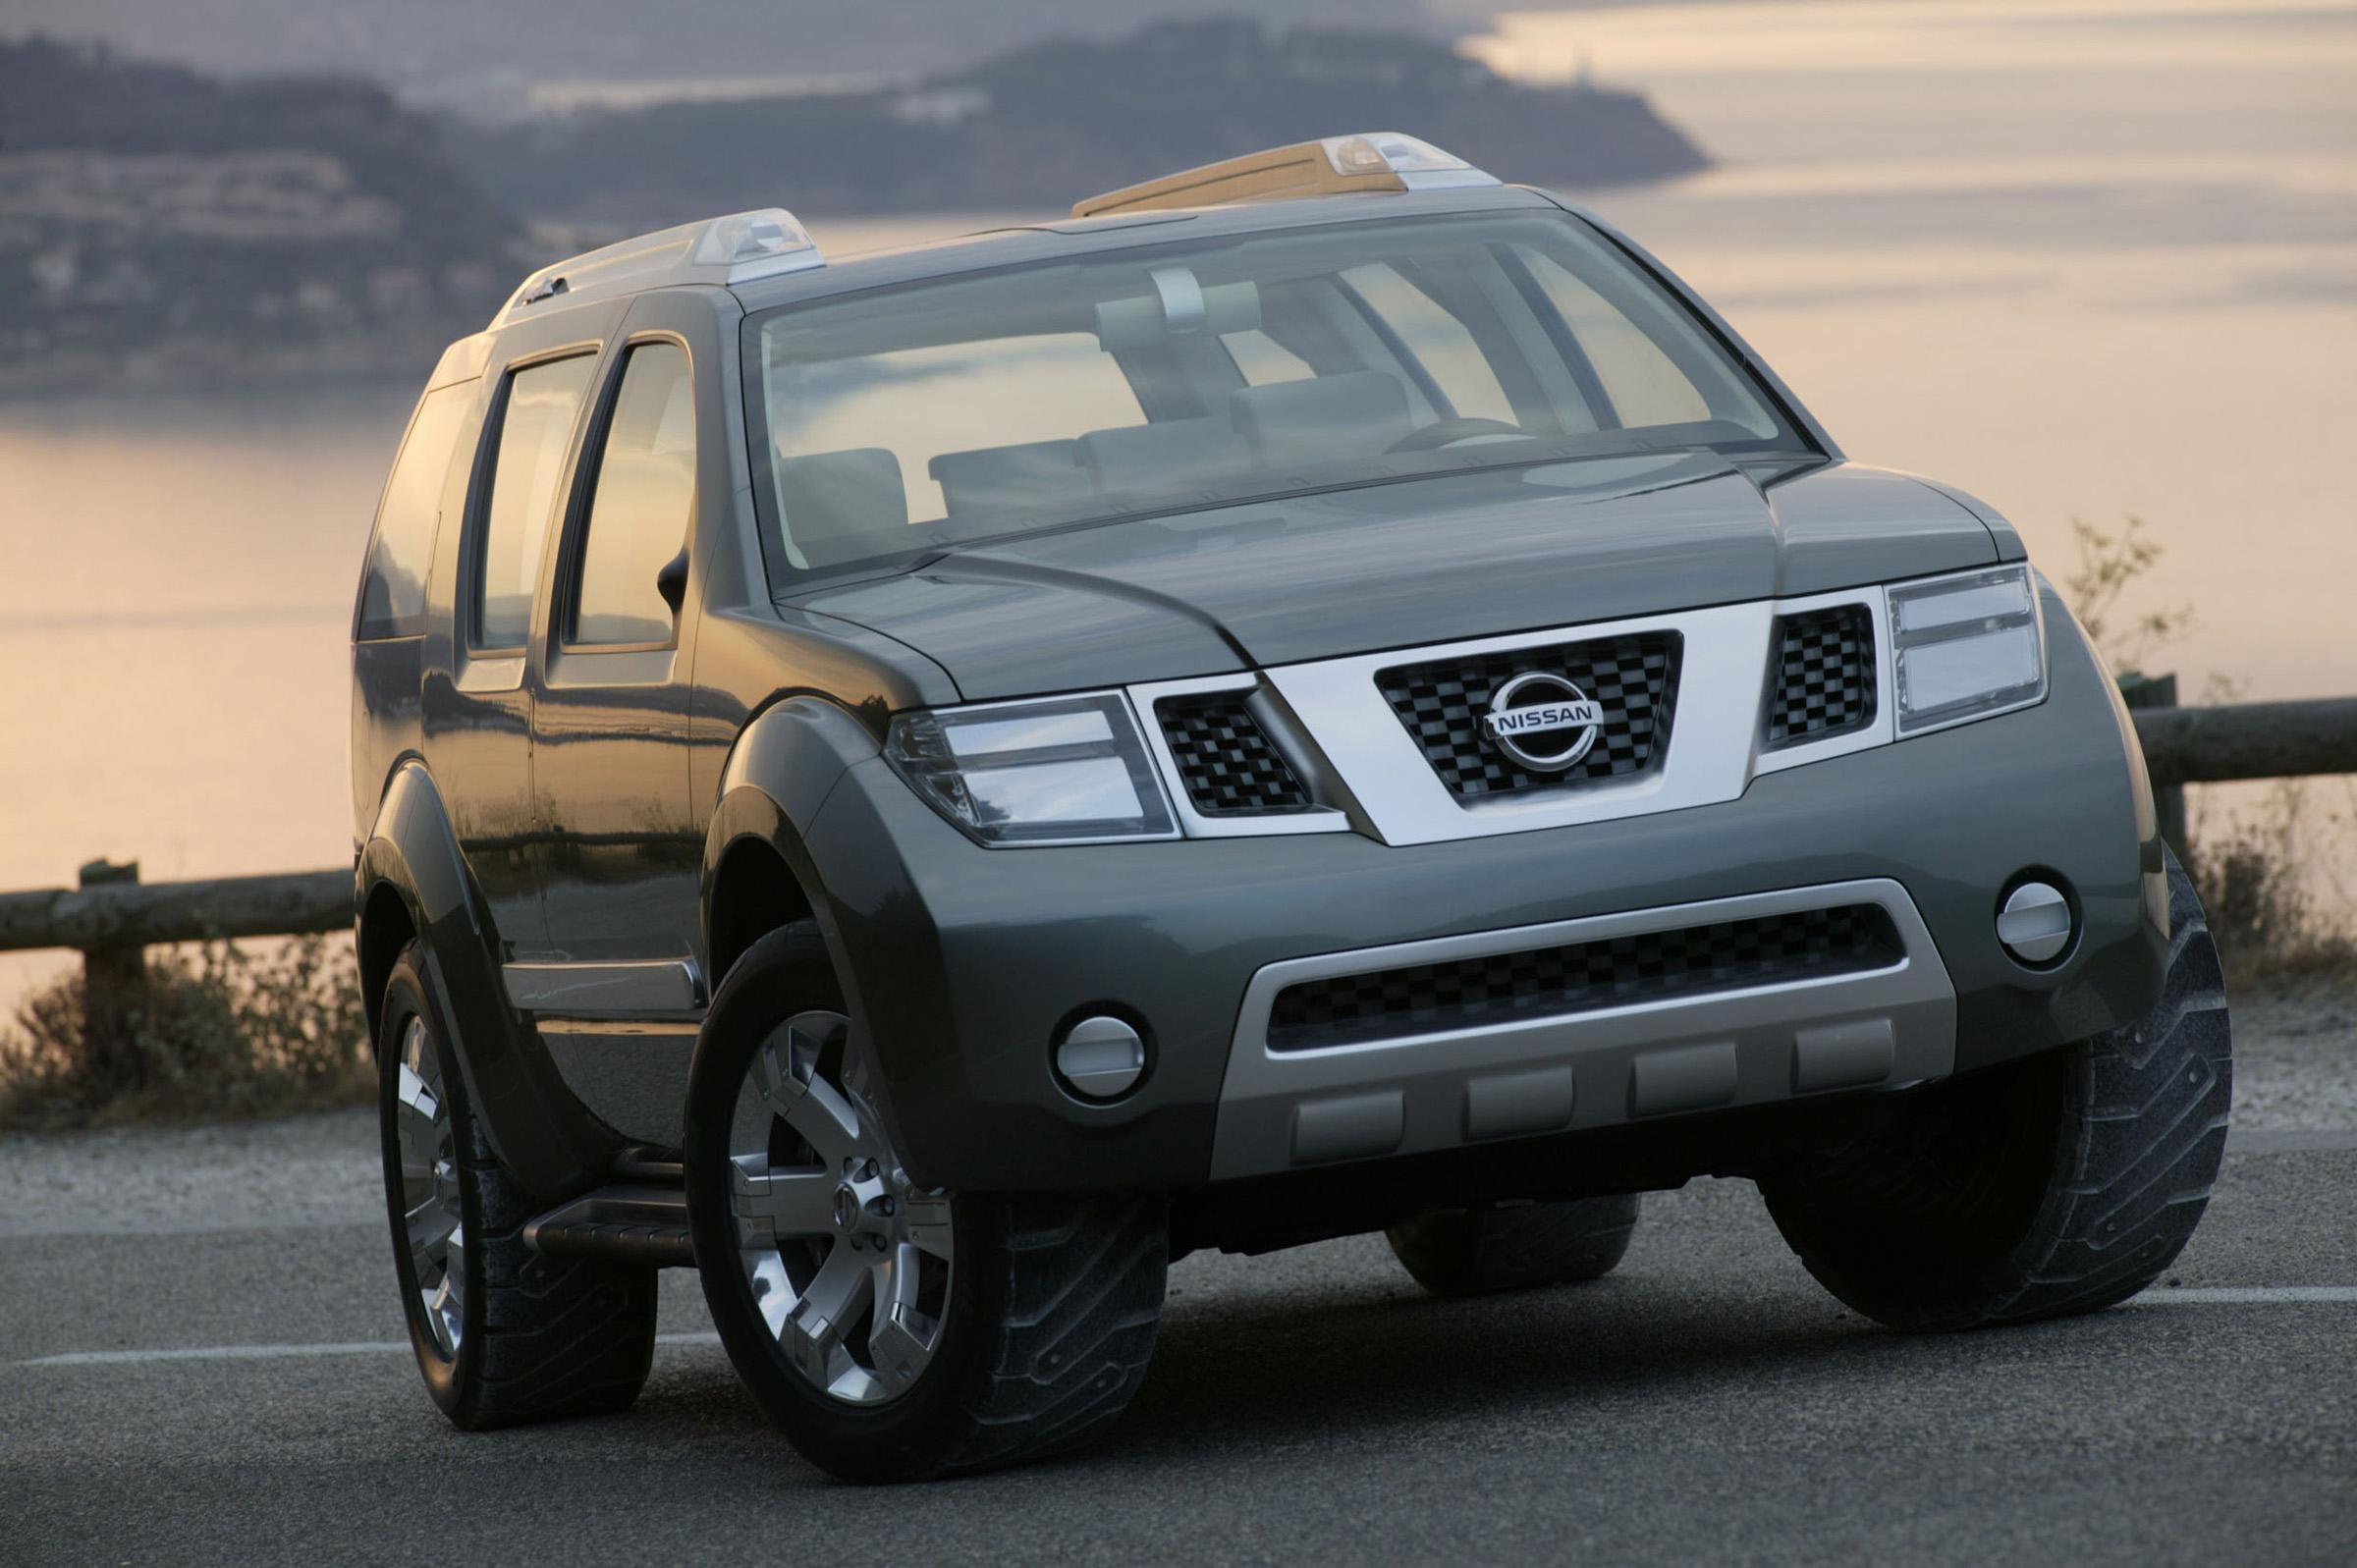 Nissan Dunehawk Concept photo #1